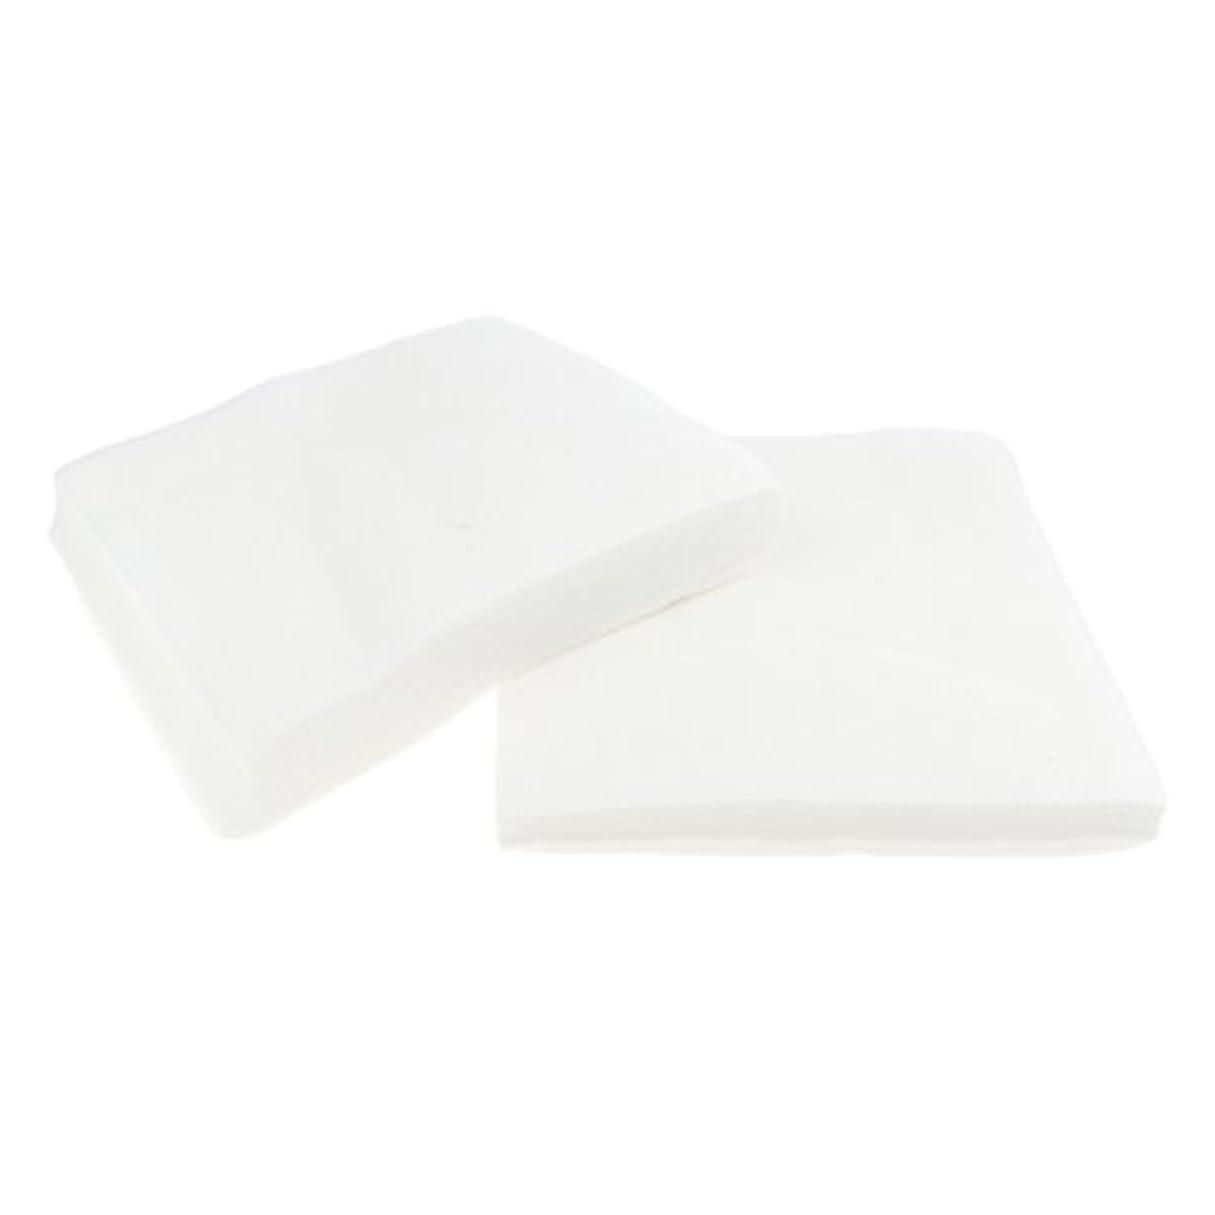 押すエミュレートするホイストメイク落とし 洗顔 シート クレンジングシート メイク落とし 使い捨て ホワイト 2サイズ - 1#